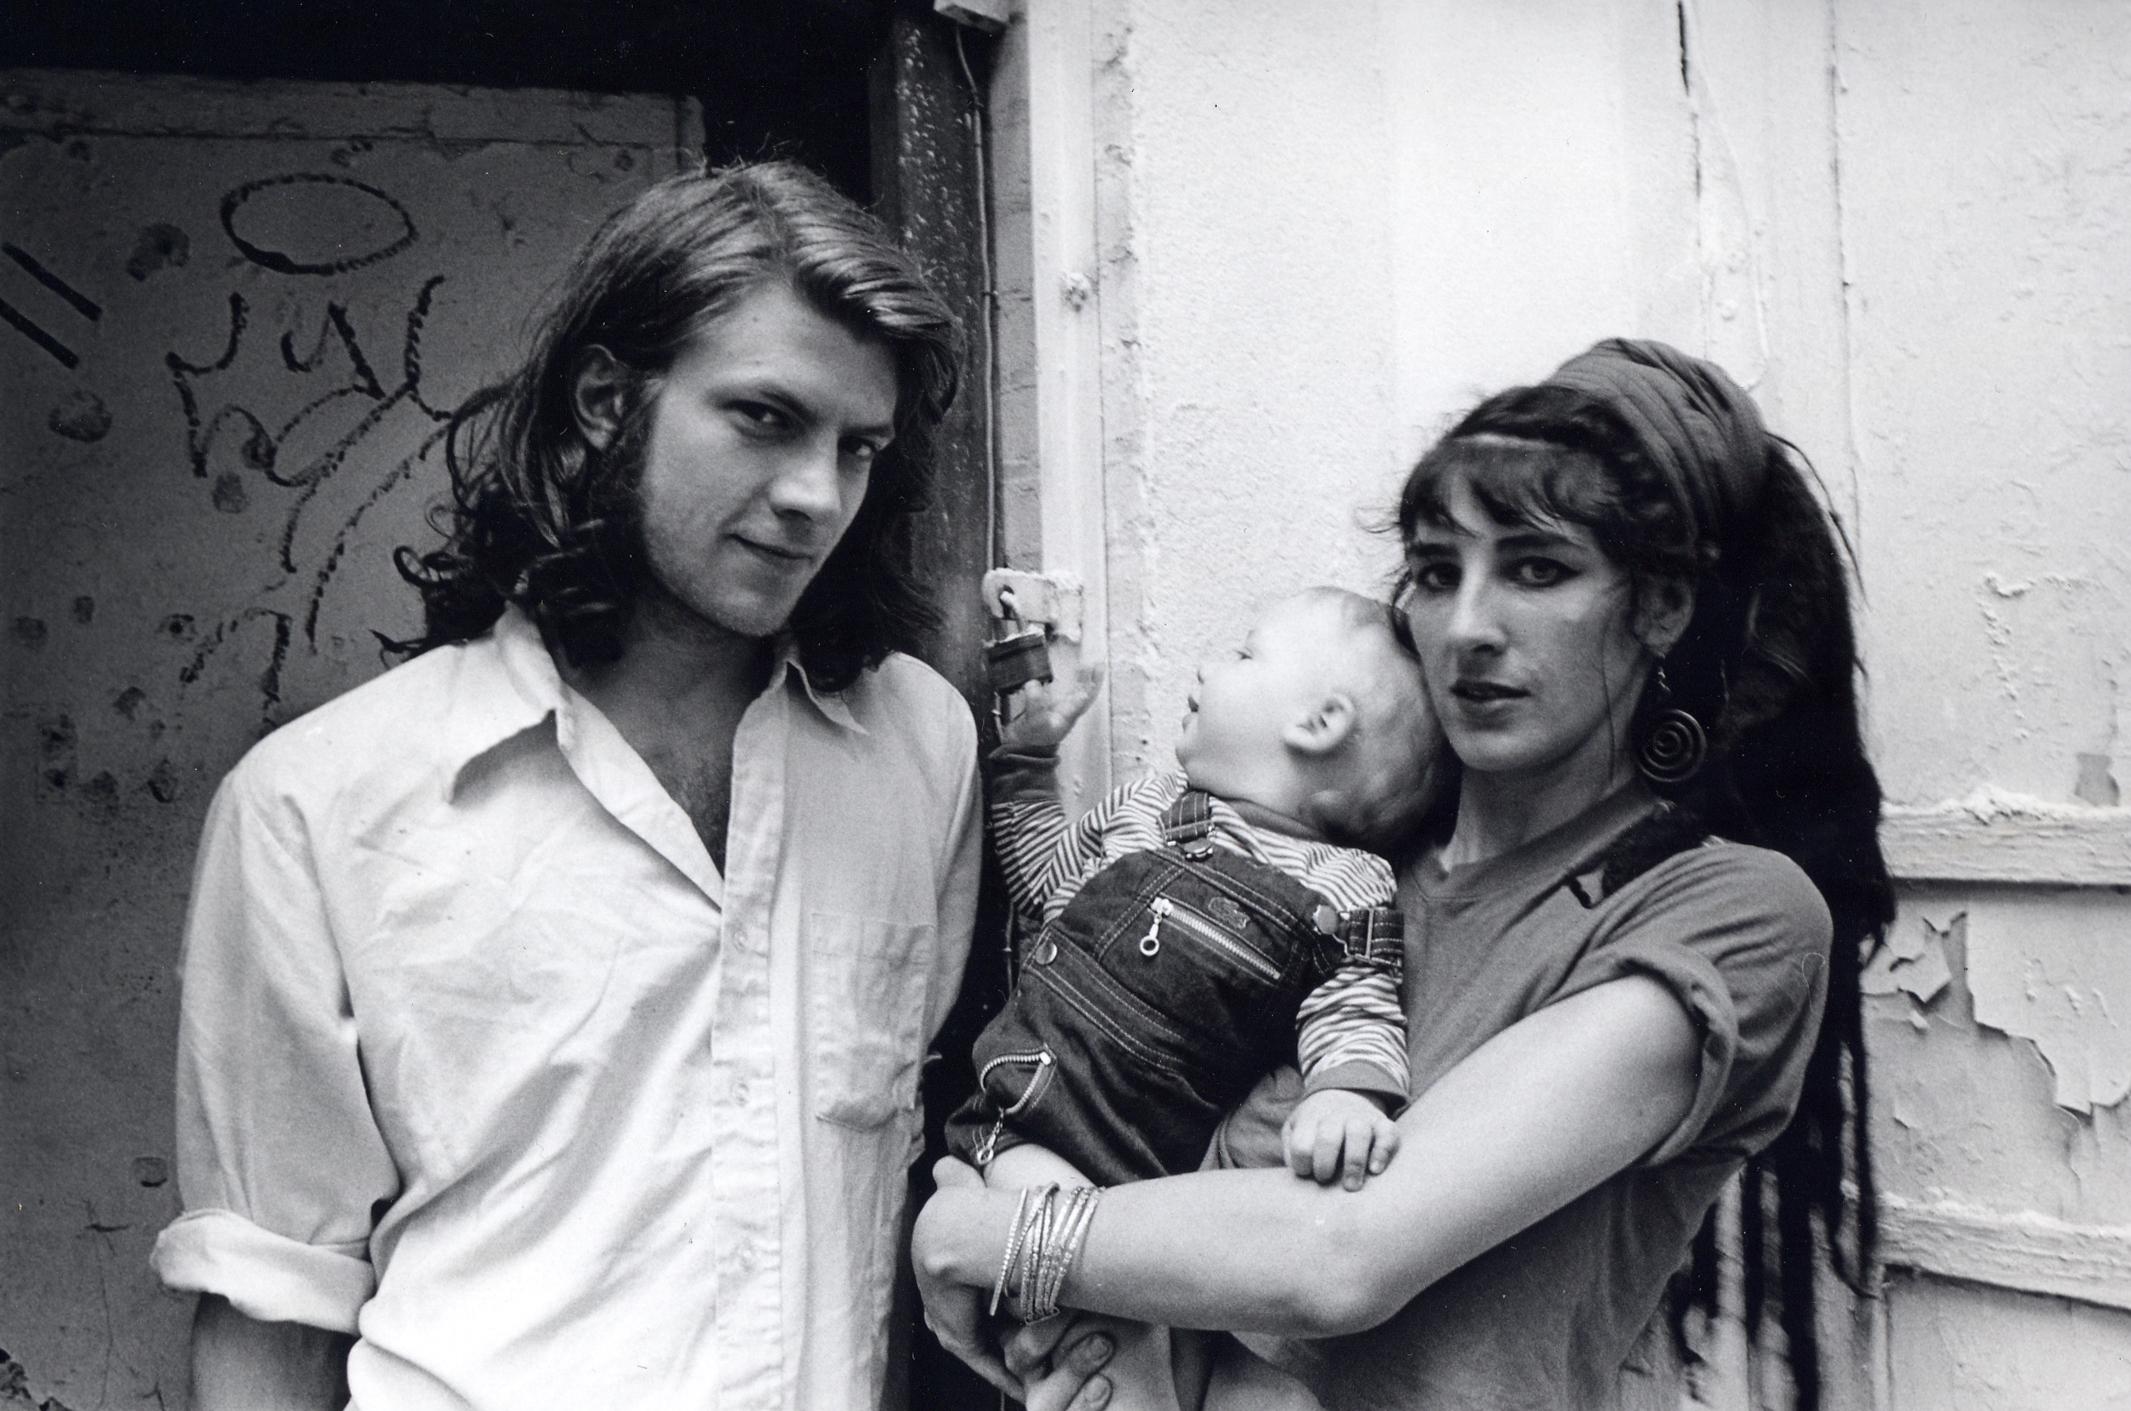 James Marguerite and Crosby Karen Ogle 1985